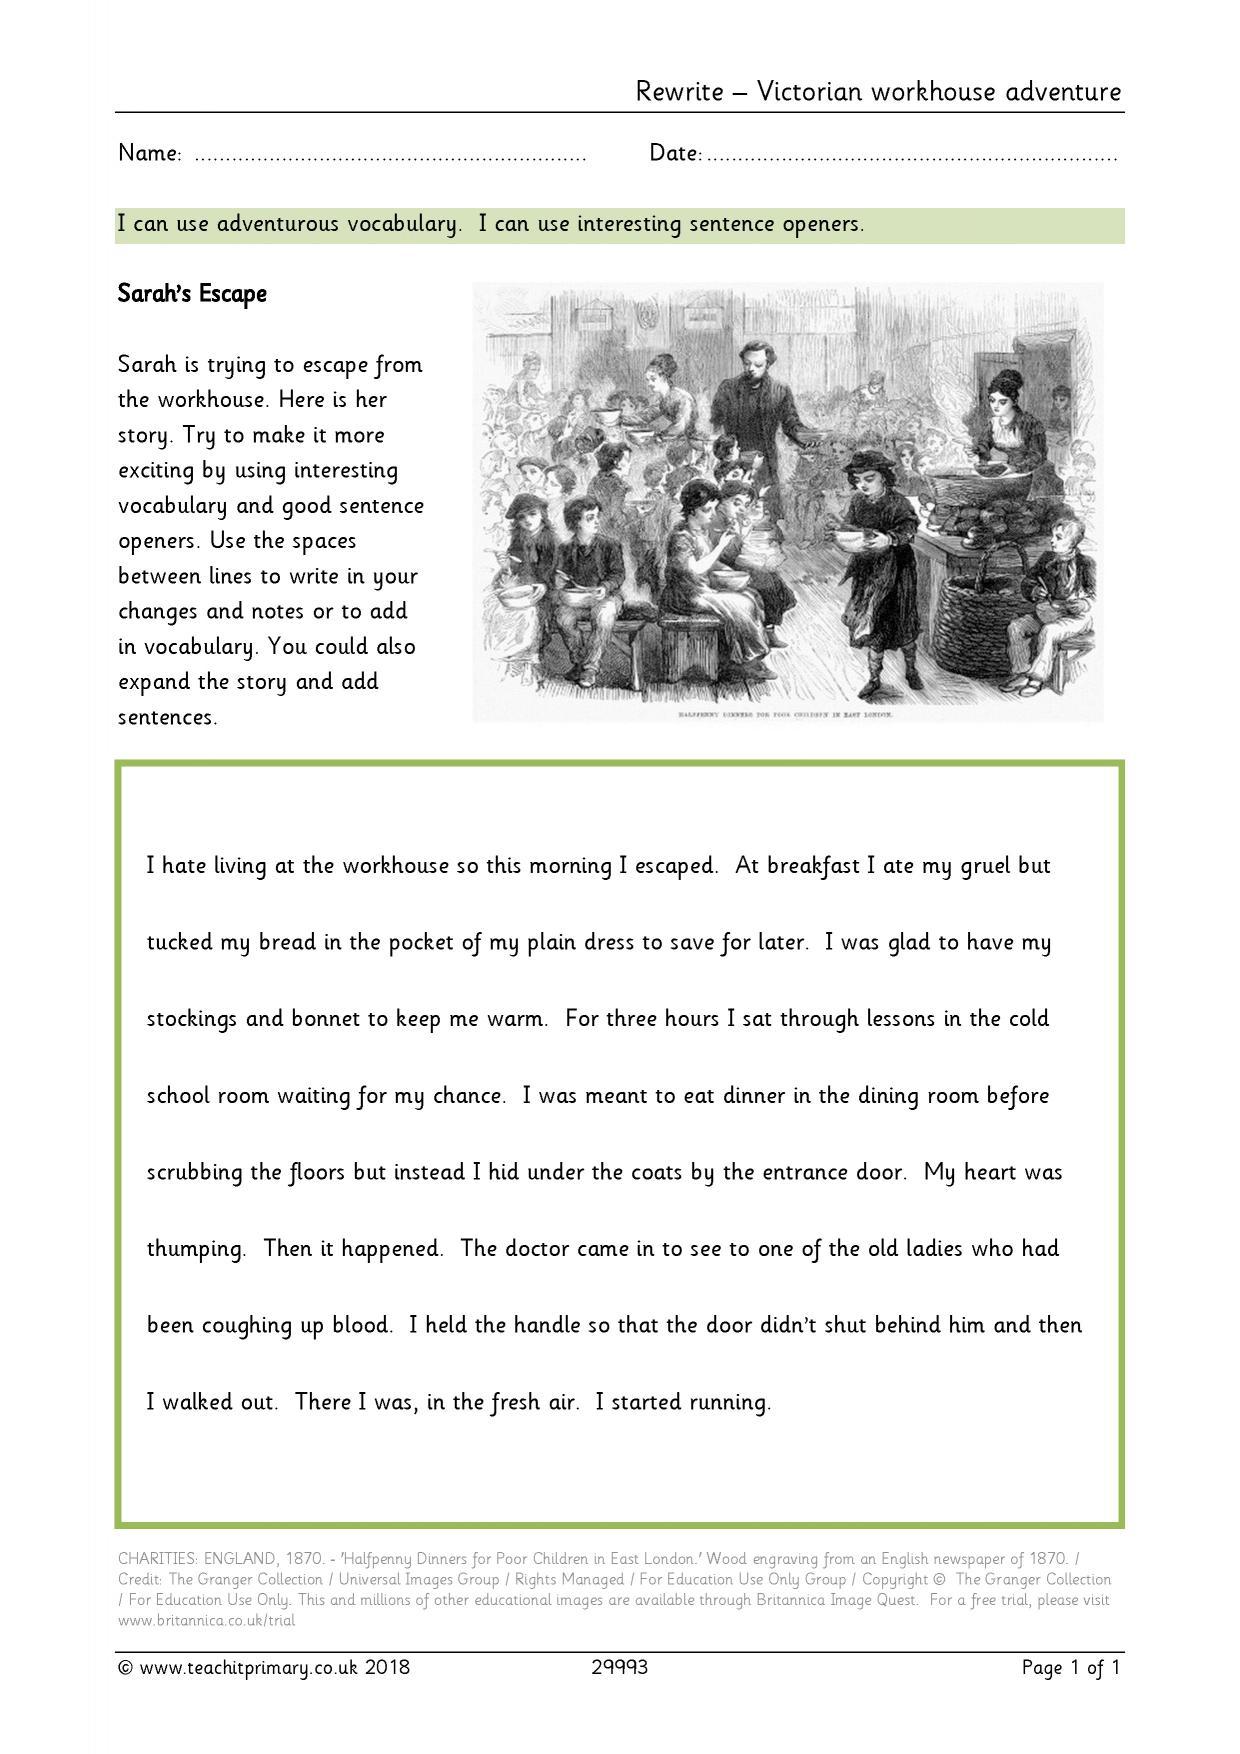 worksheet Ks2 Worksheets English eyfs ks1 ks2 character description teachit primary 1 preview